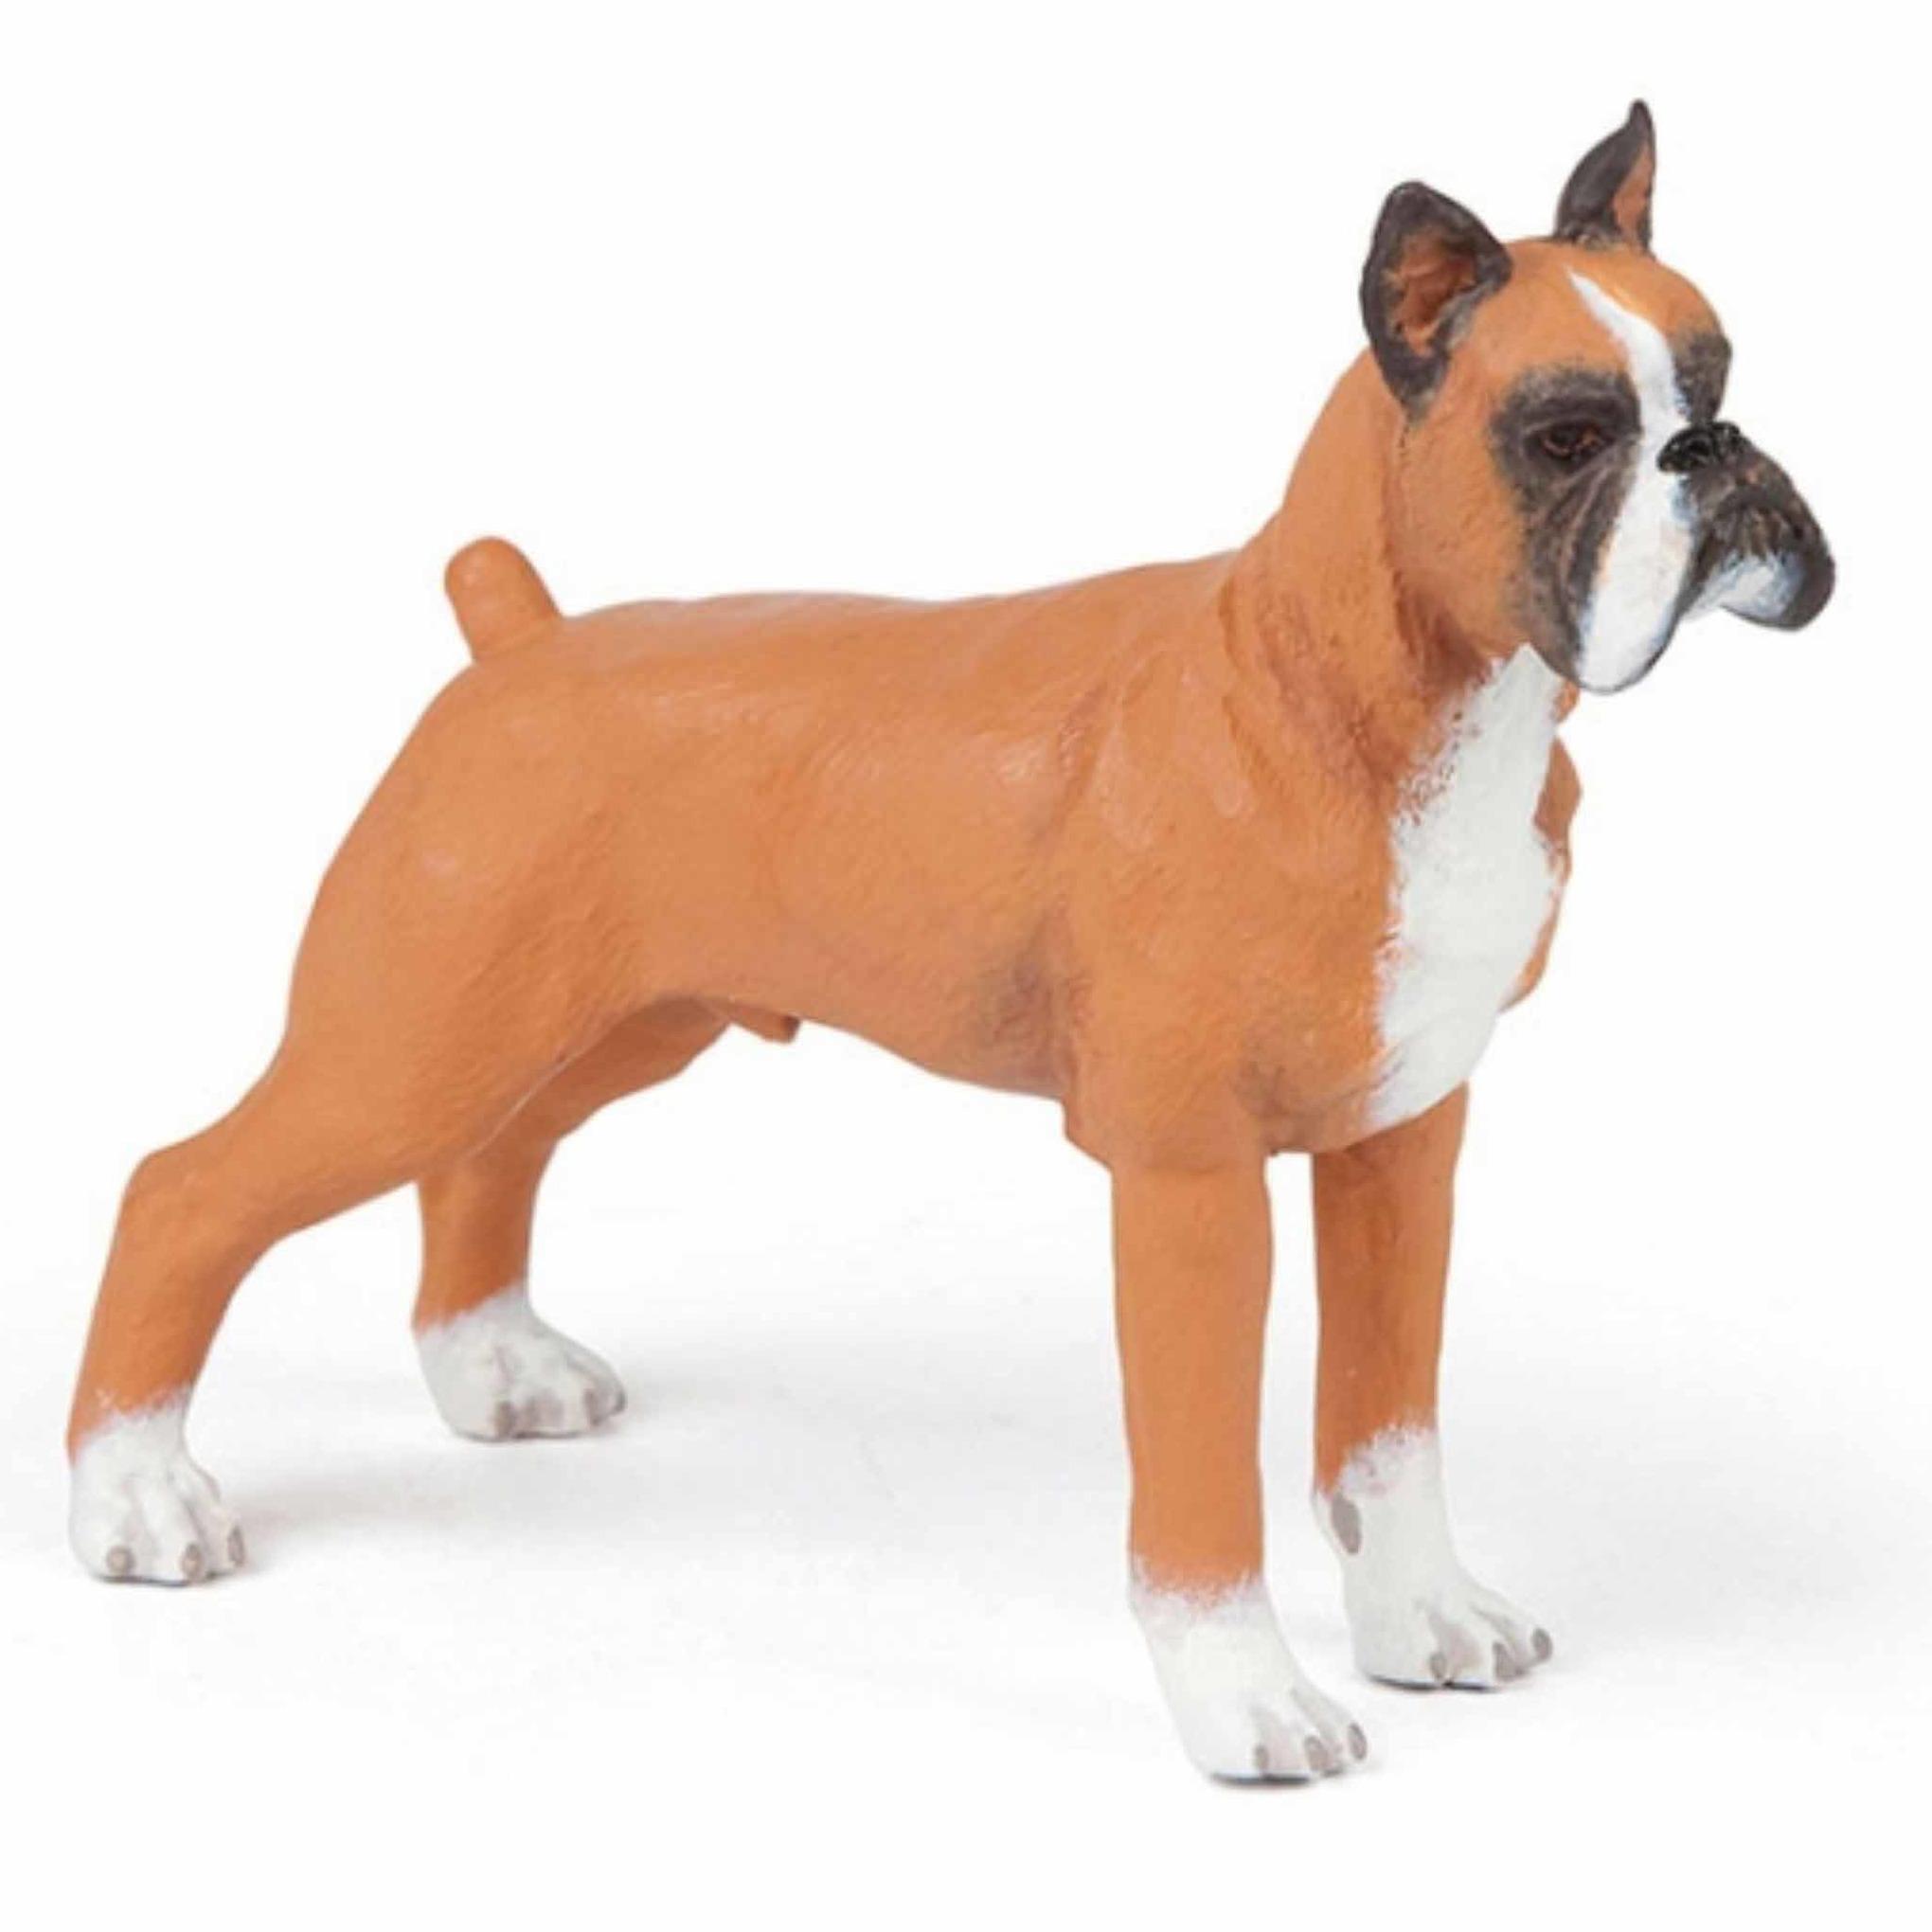 d338ecc94c9586 Speeldiertje boxer hond bij Speelgoed voordeel, altijd de voordeligste